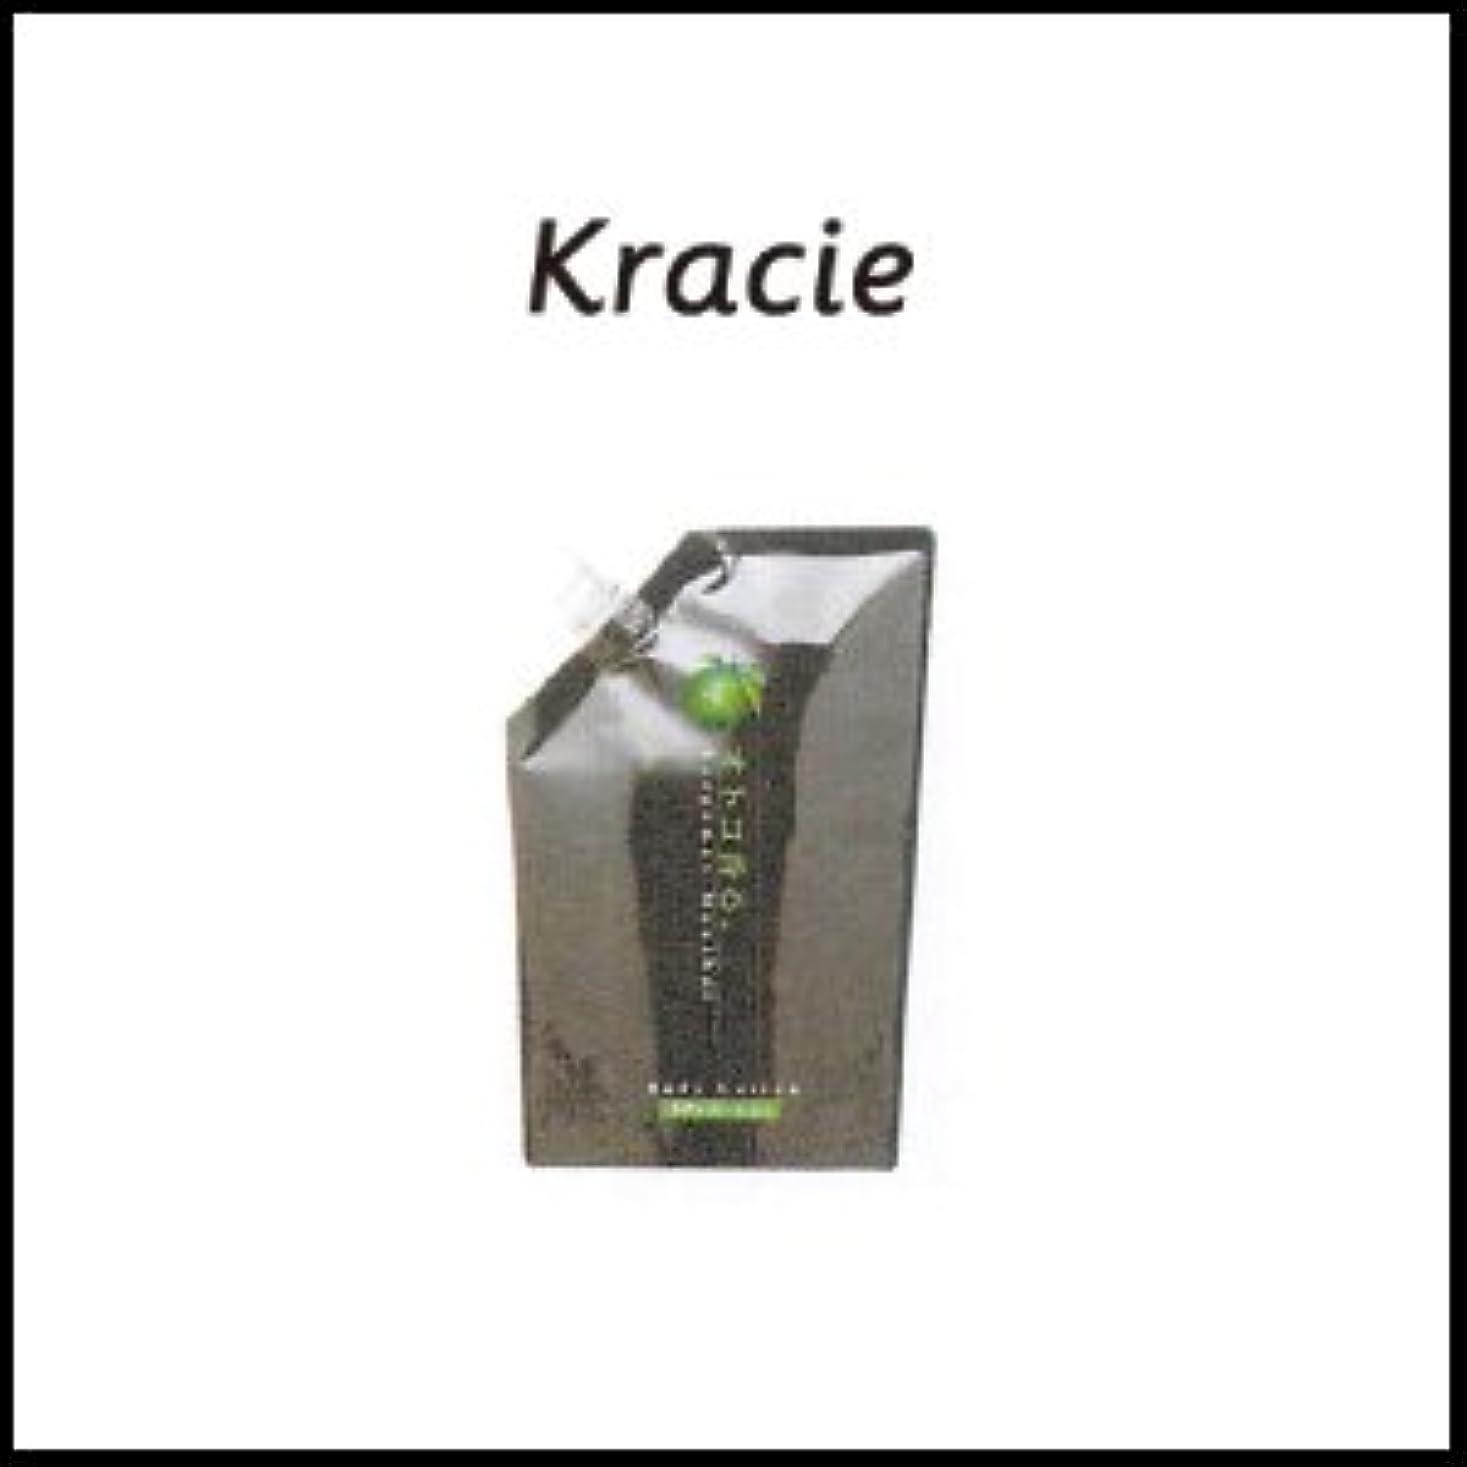 ヒロイン木予定【X3個セット】 クラシエ オトコ香る ボディローション(ベルガモット) 500ml 詰替え用(レフィル)